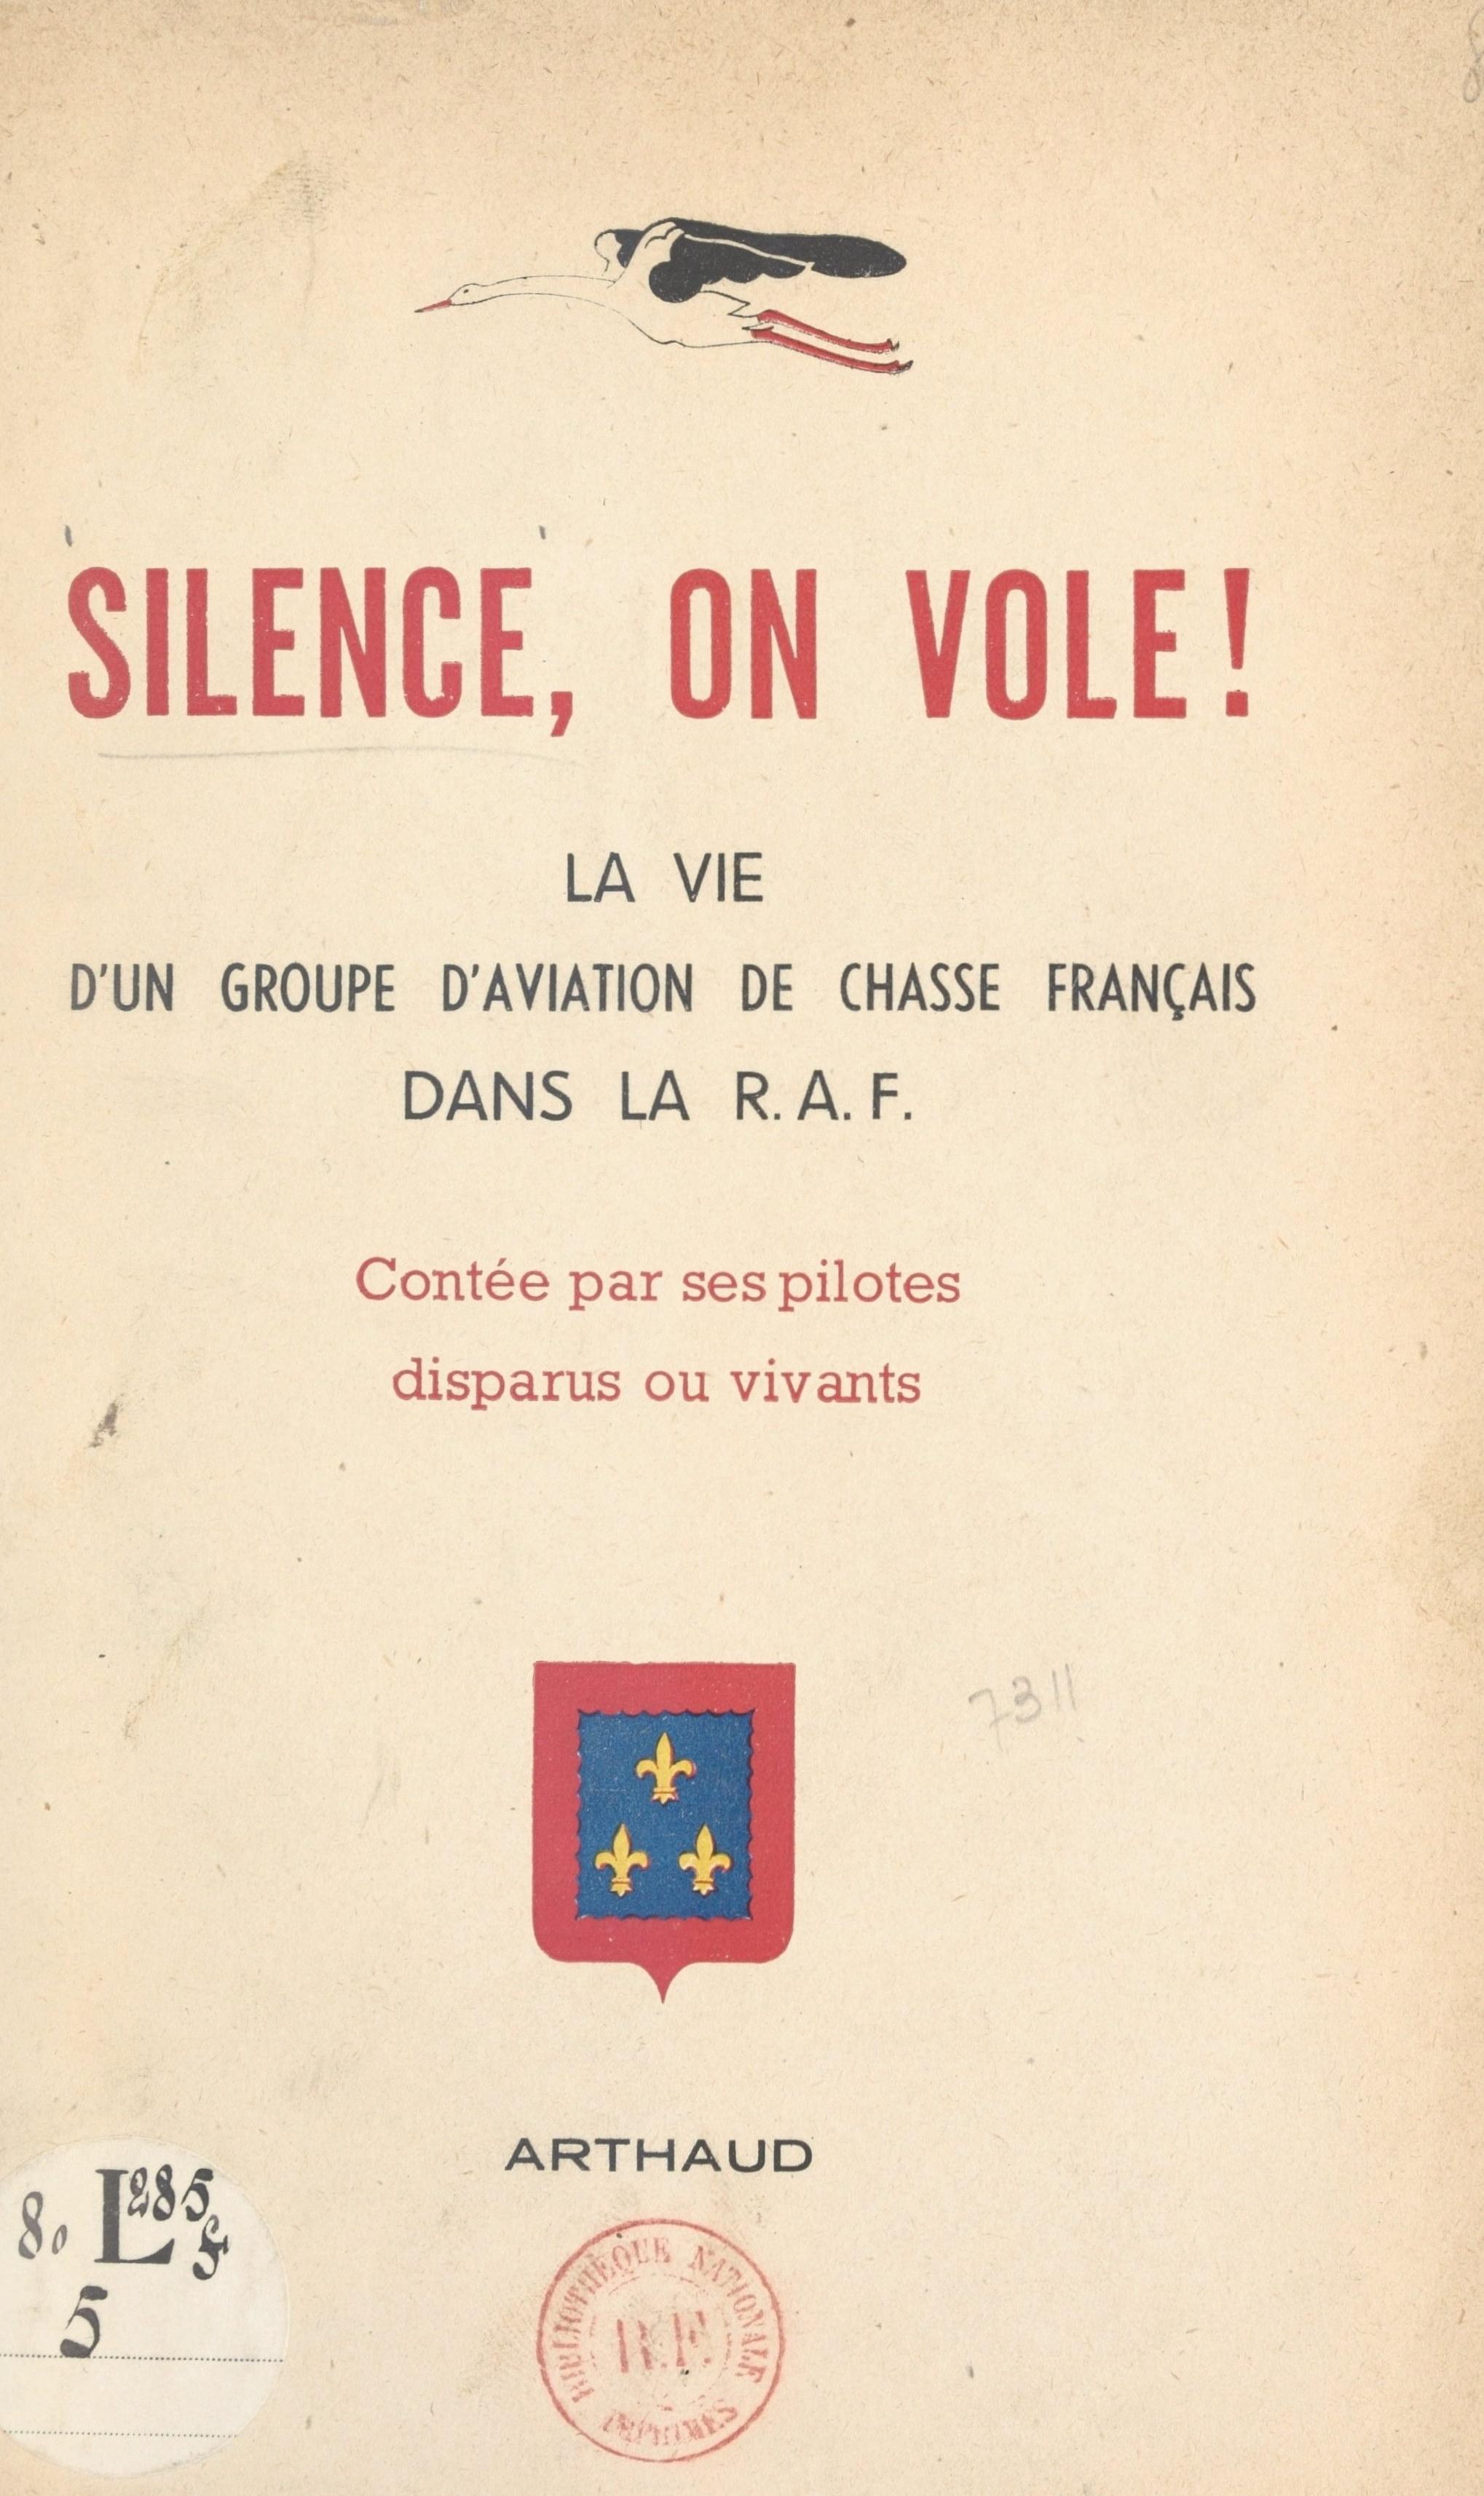 La Ferme Des Animaux Livre Audio : ferme, animaux, livre, audio, Silence,, Collectif, Leslibraires.ca